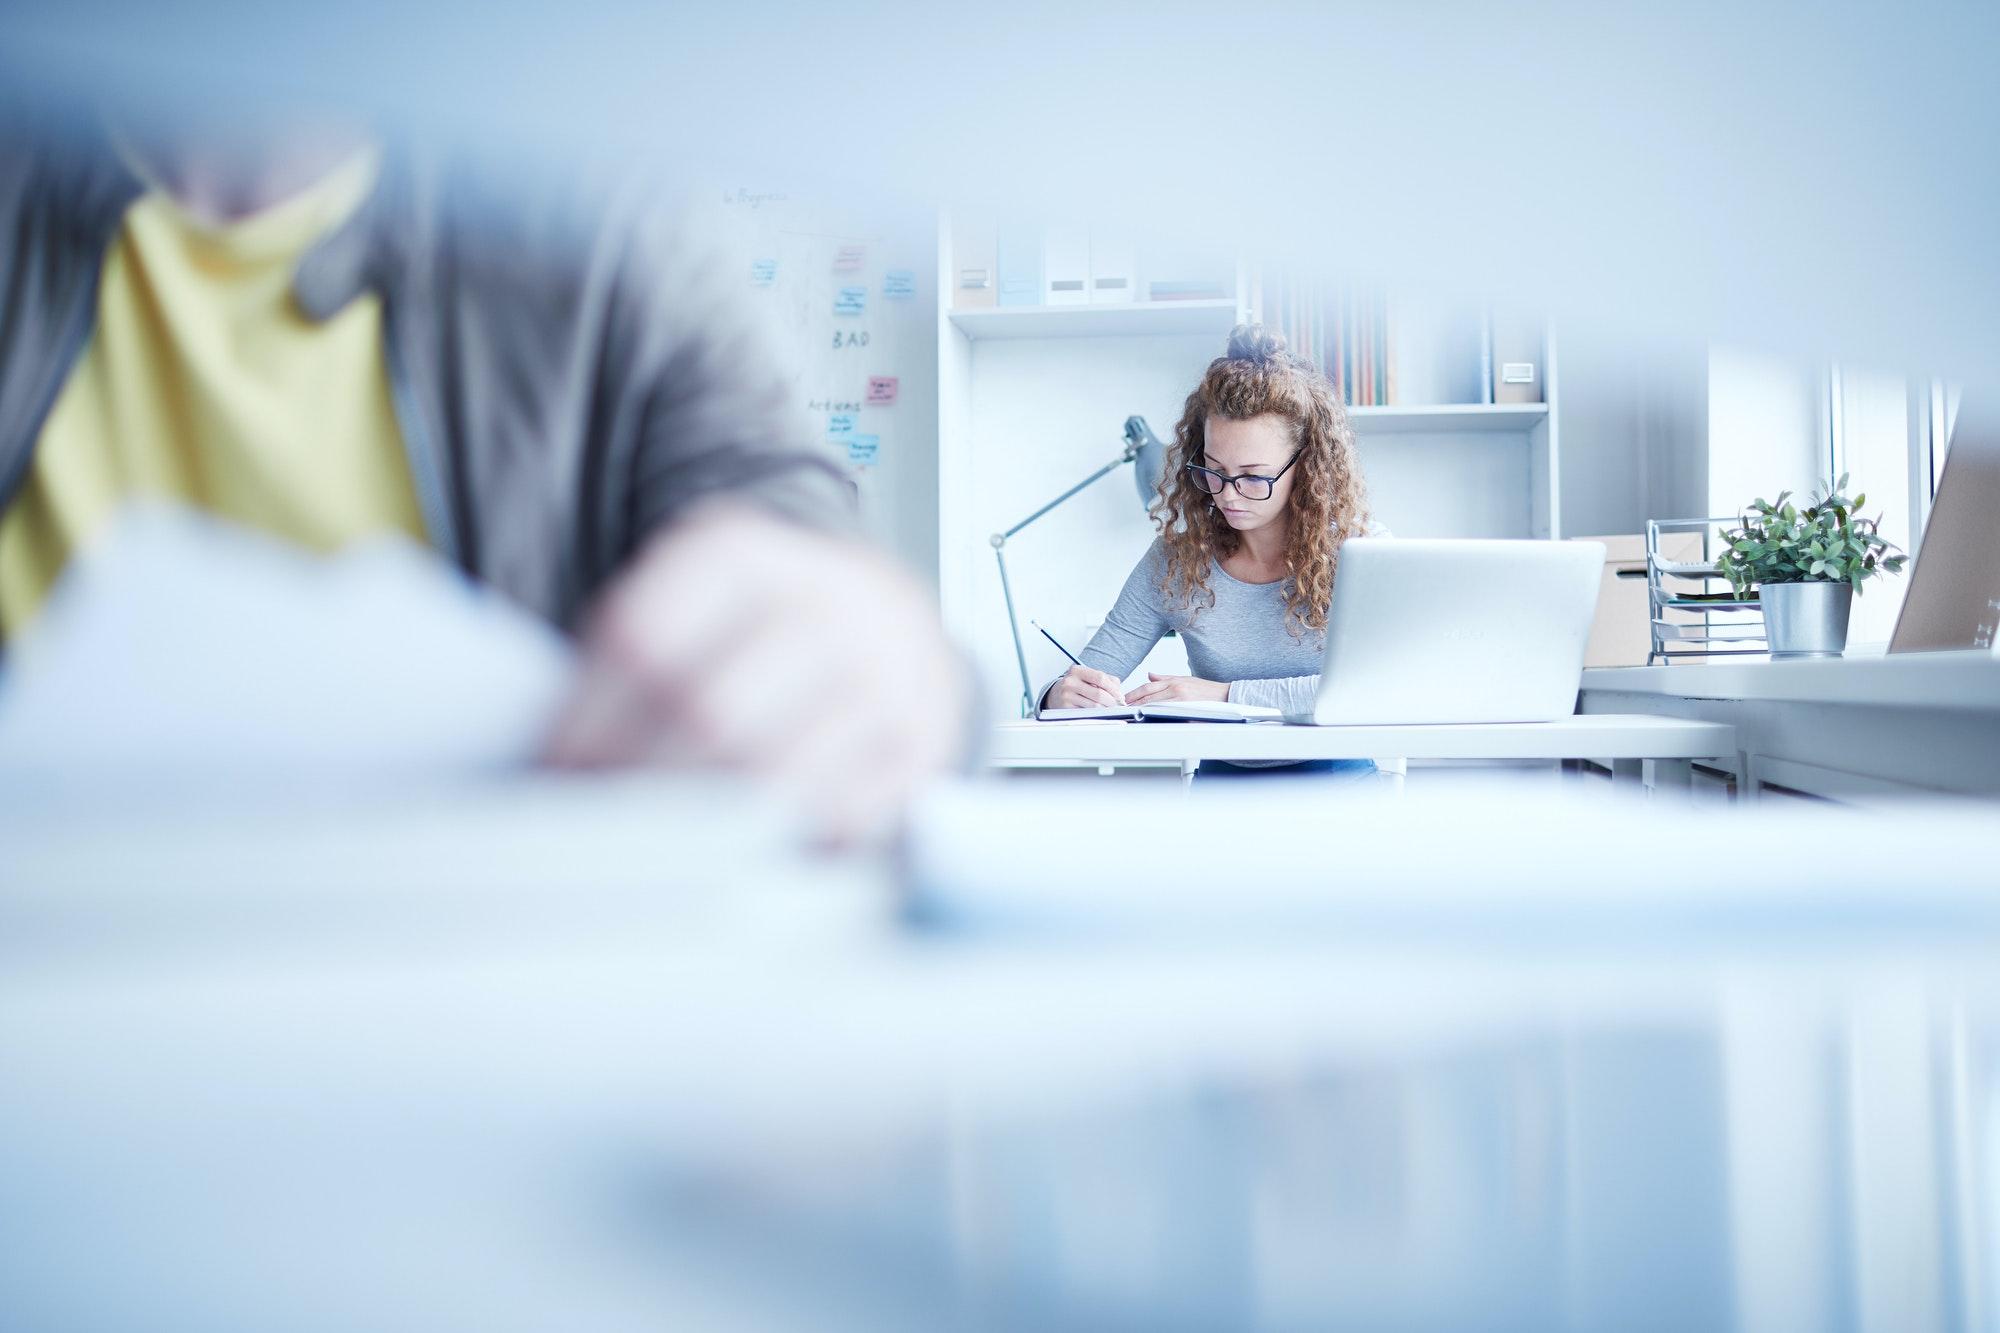 Poslodavcu nije dovoljna samo diploma: Šest osobina koje svaki poslodavac traži